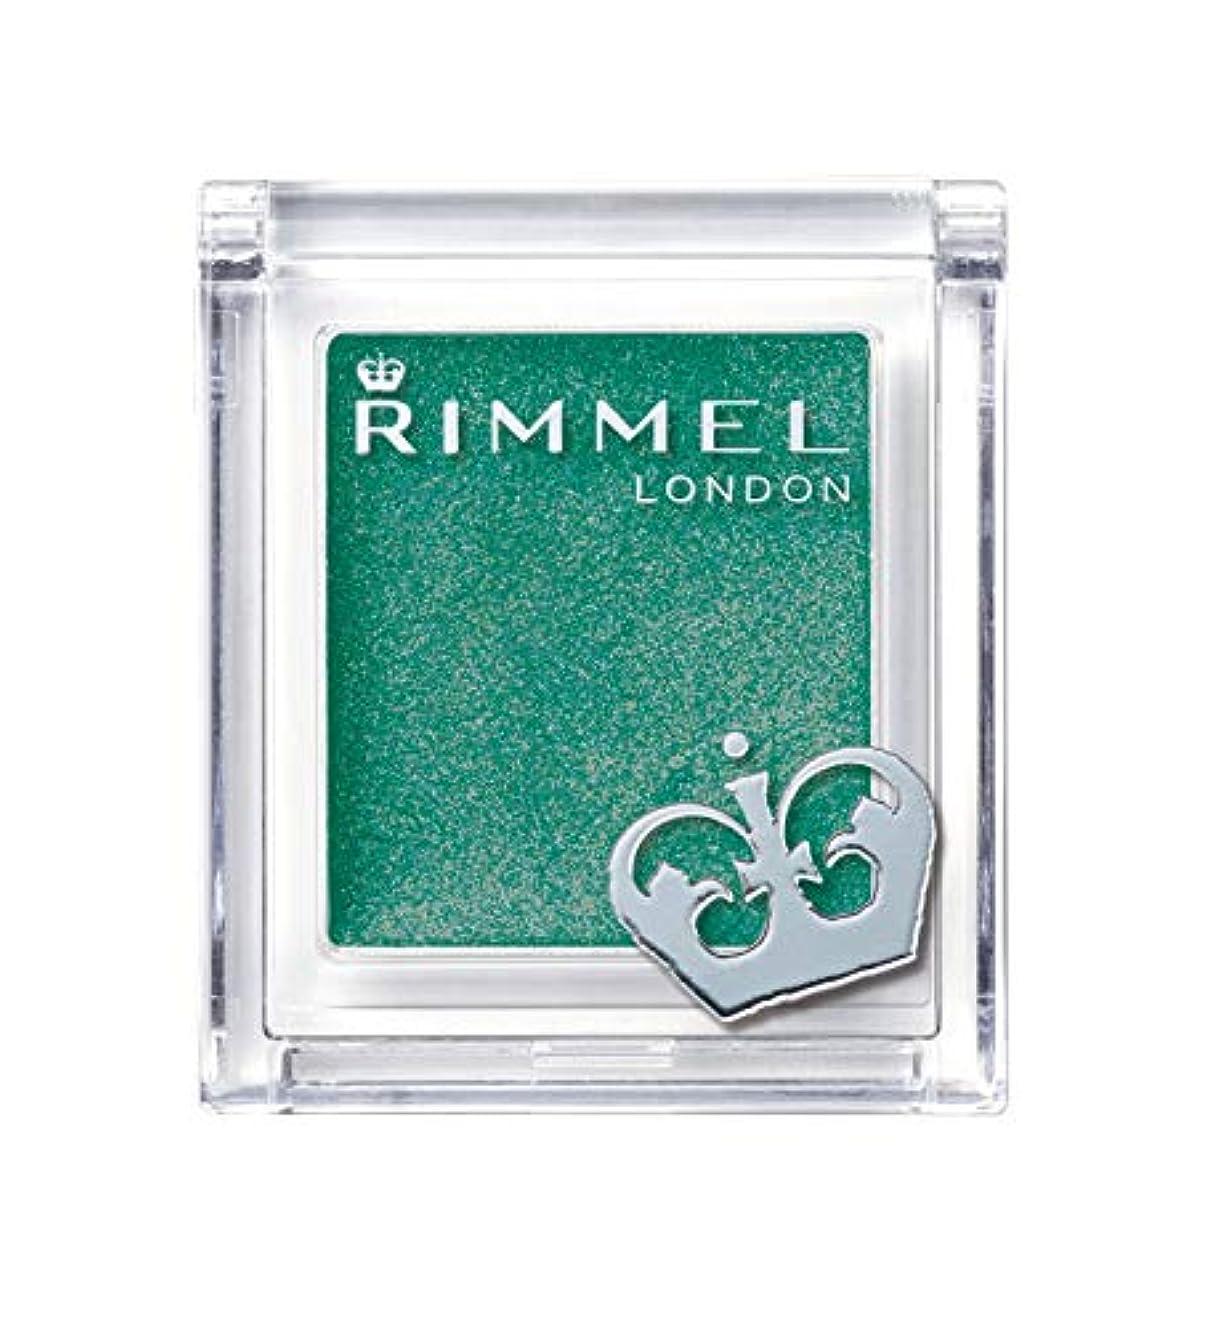 火曜日寝る水分Rimmel (リンメル) リンメル プリズム パウダーアイカラー 023 モスグリーン 1.5g アイシャドウ